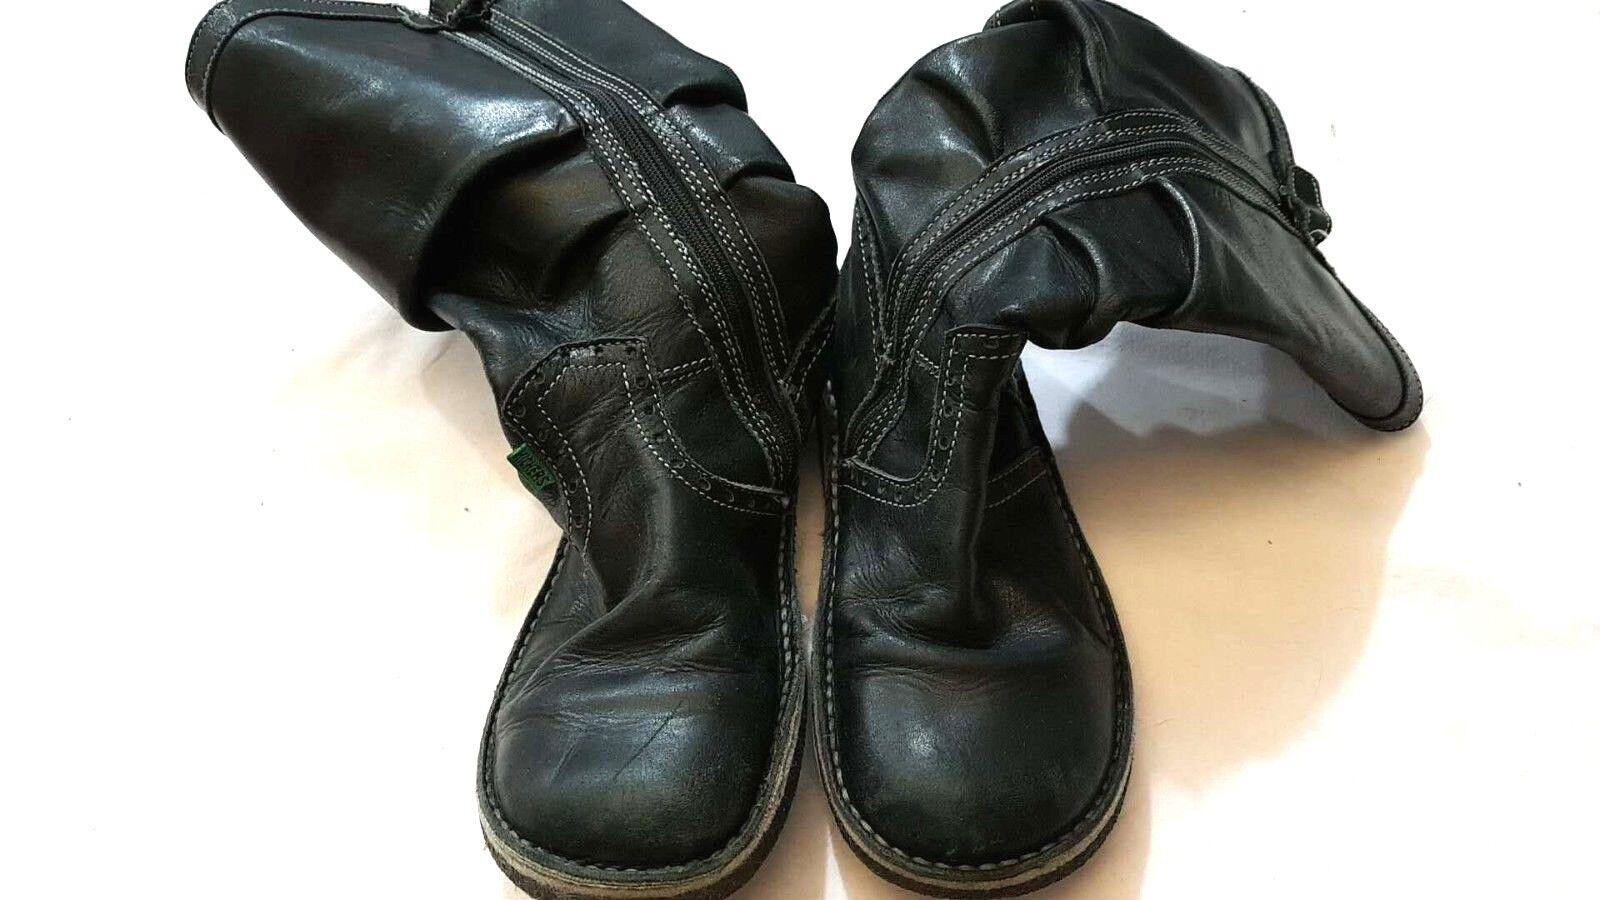 Kickers - Stivali - N° 34 35 - lunghi 24 cm - compreso tacco 30 cm - USATI